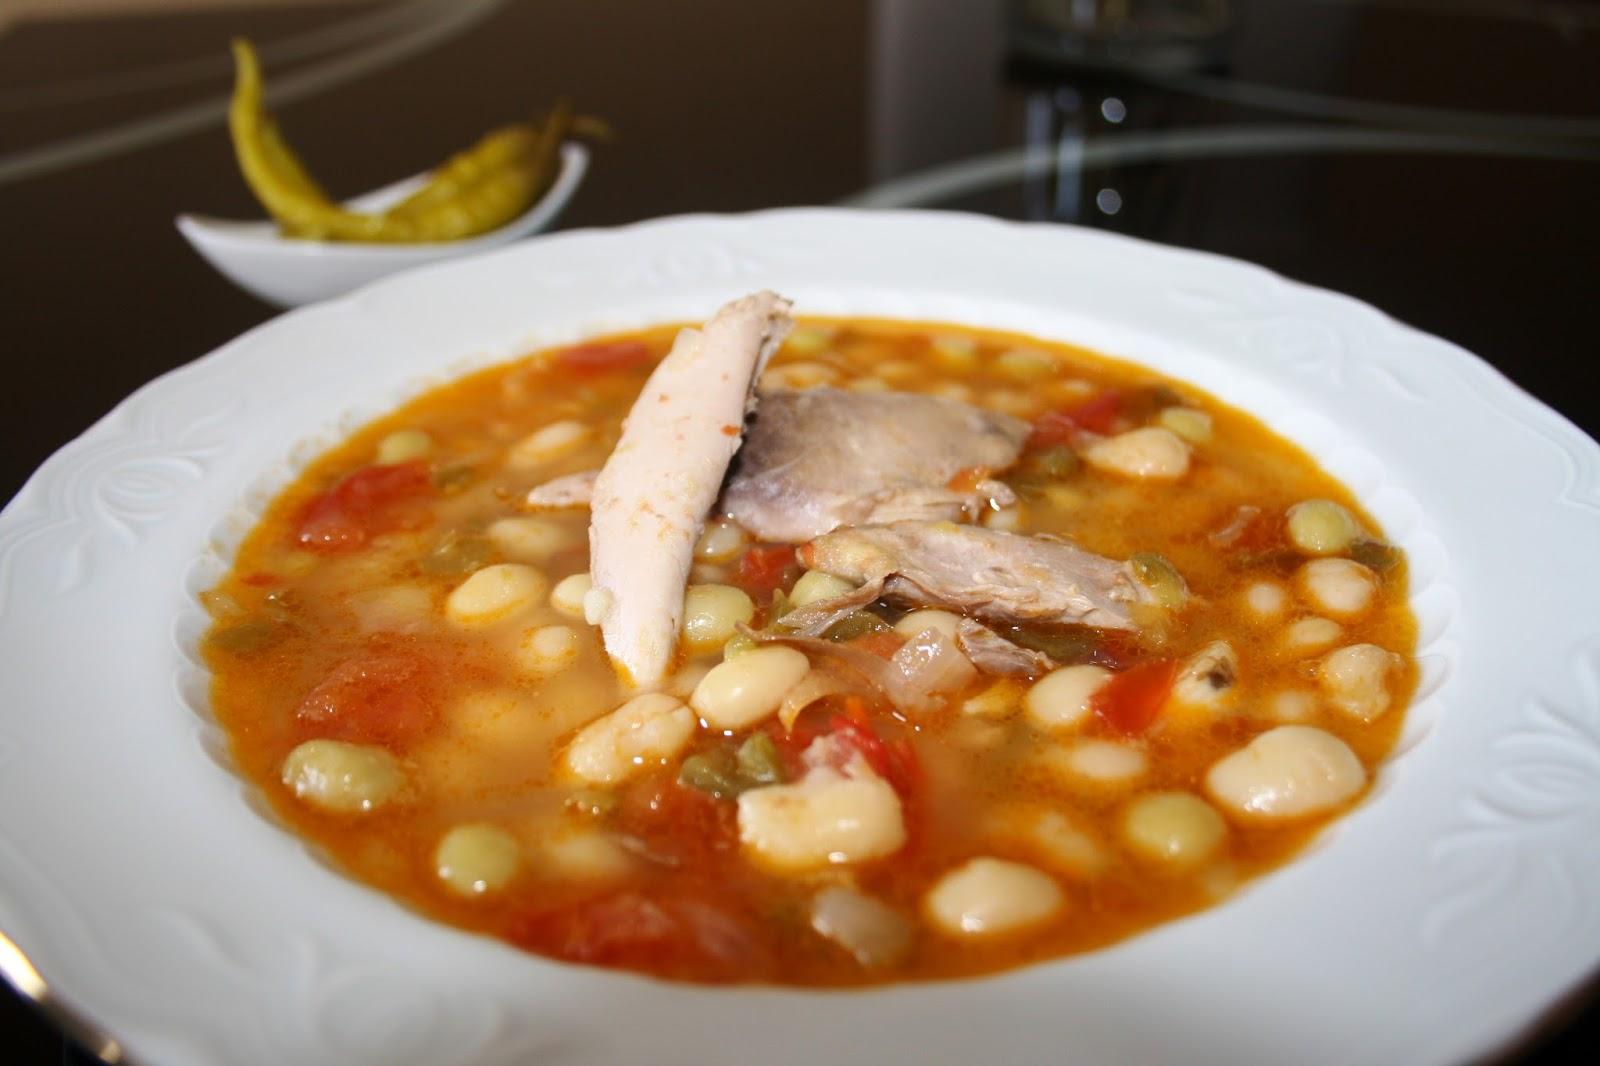 Alocados en la cocina receta f cil de pochas congeladas - Alubias con codornices ...